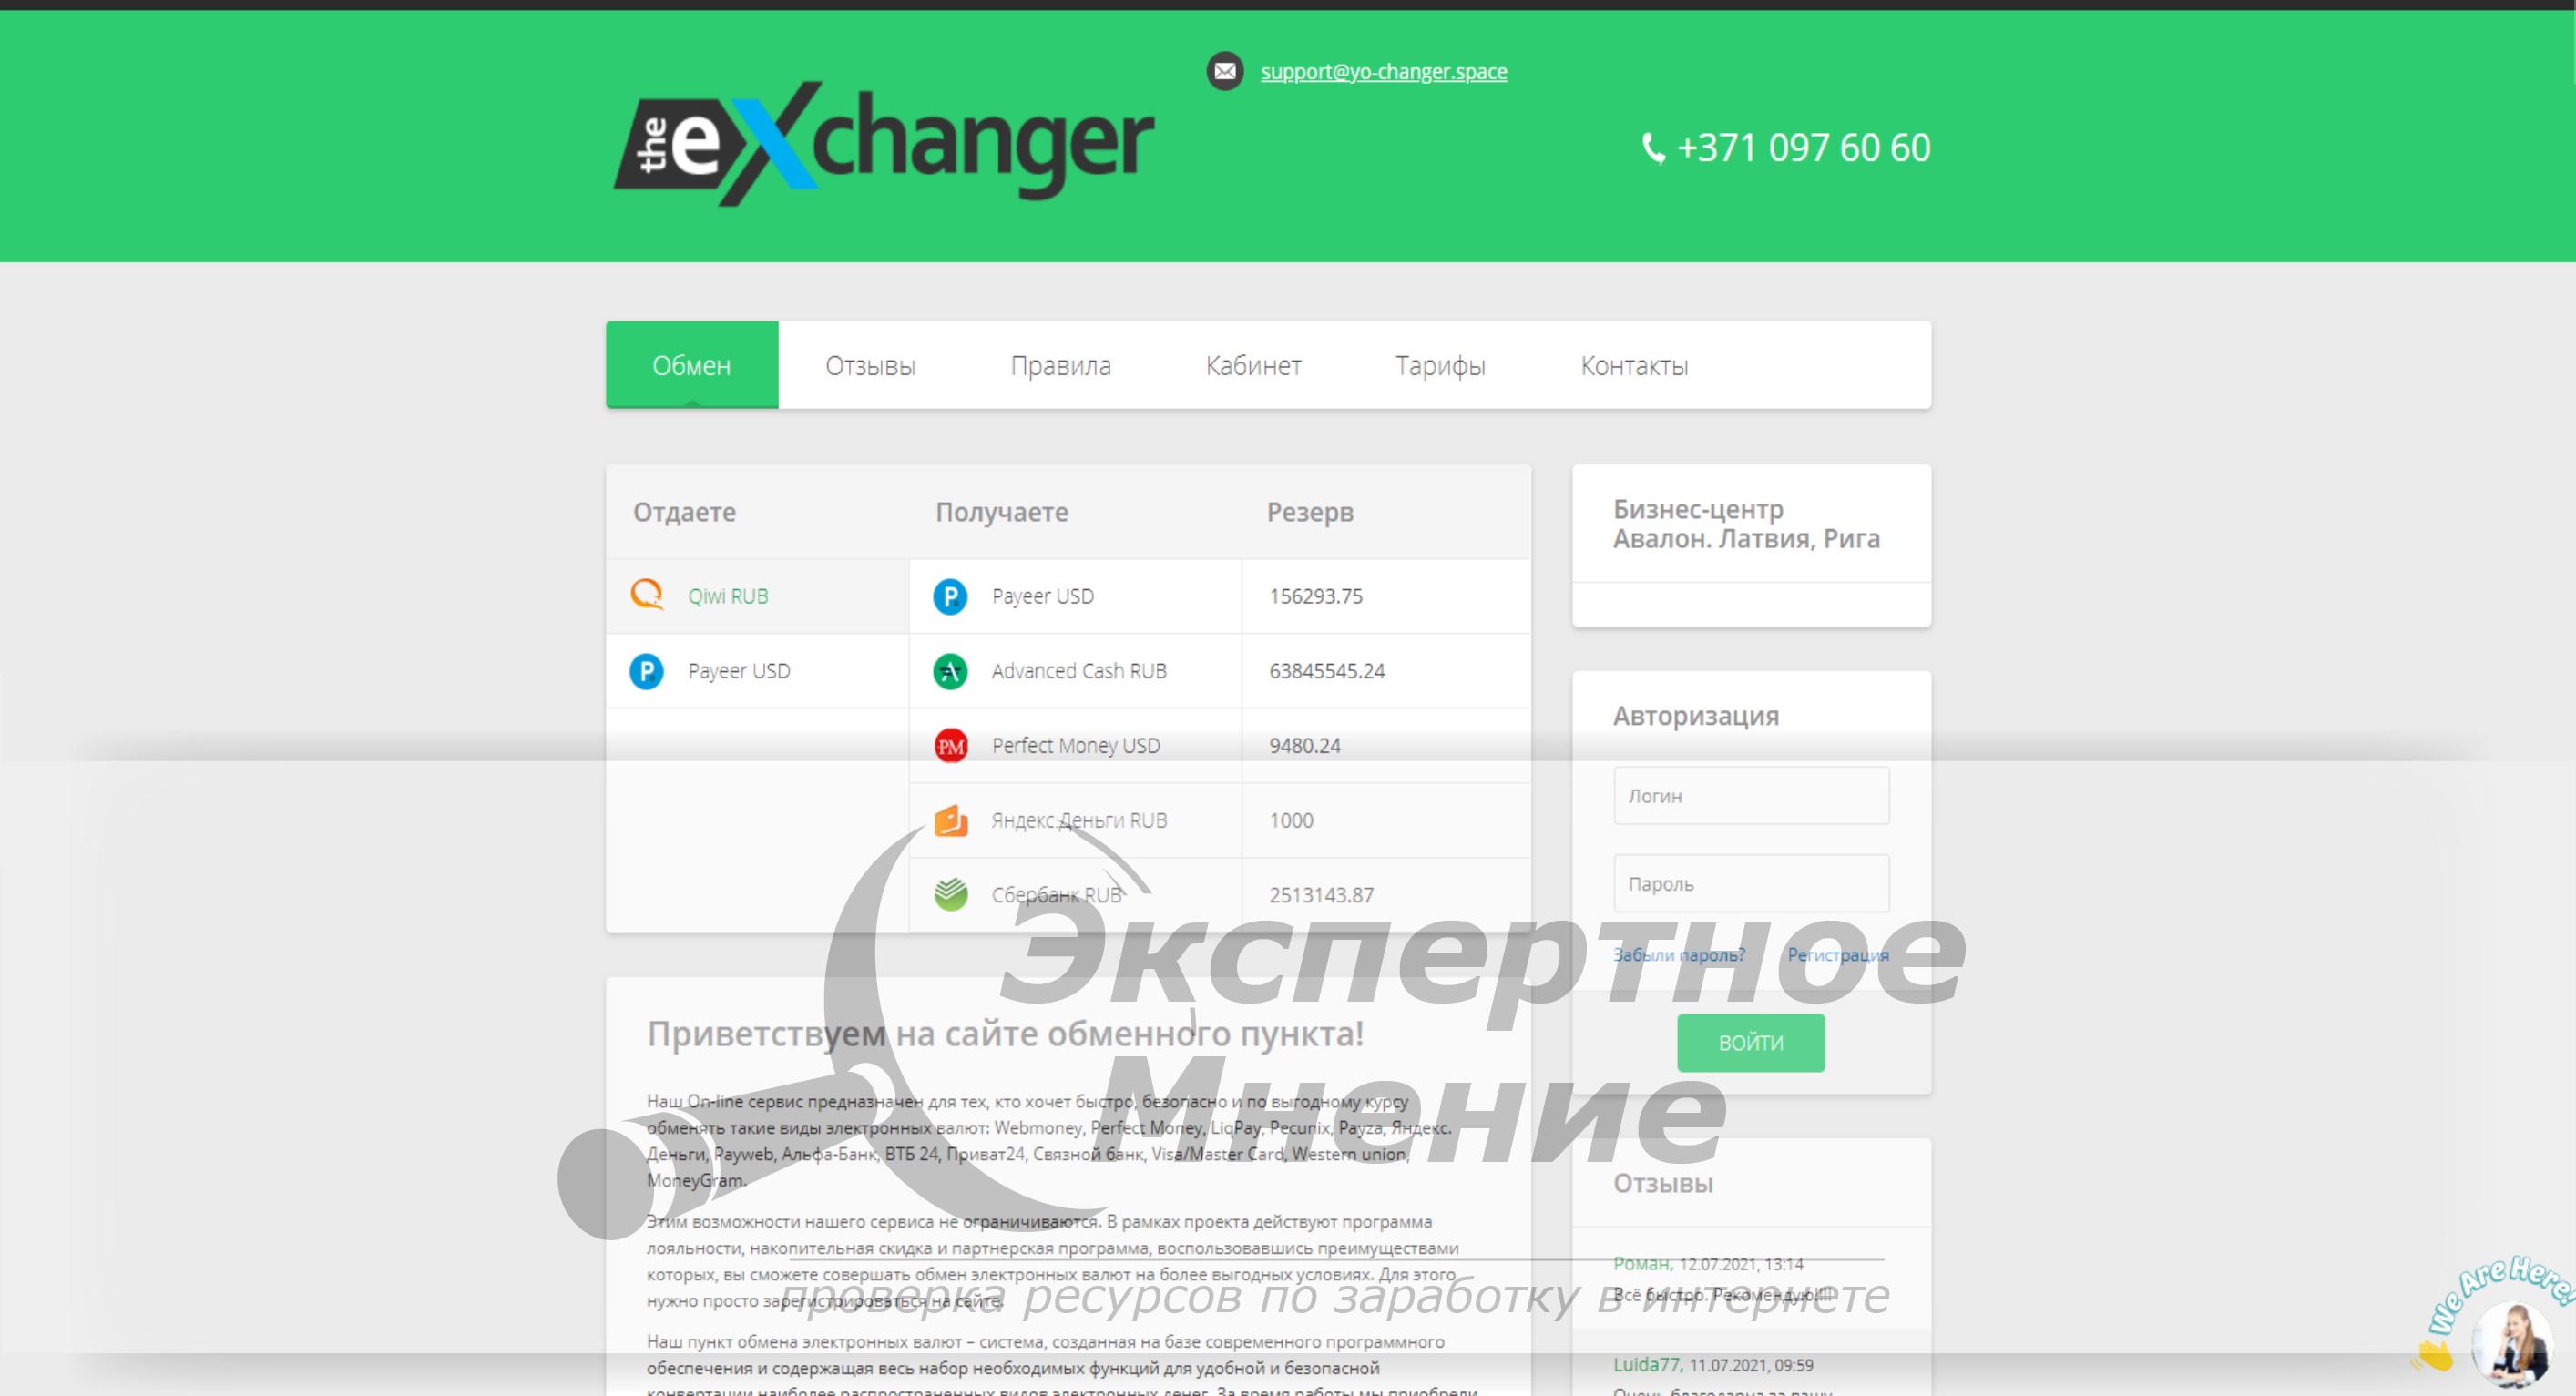 Yo Changer - онлайн обмен. yo-changer.space отзывы